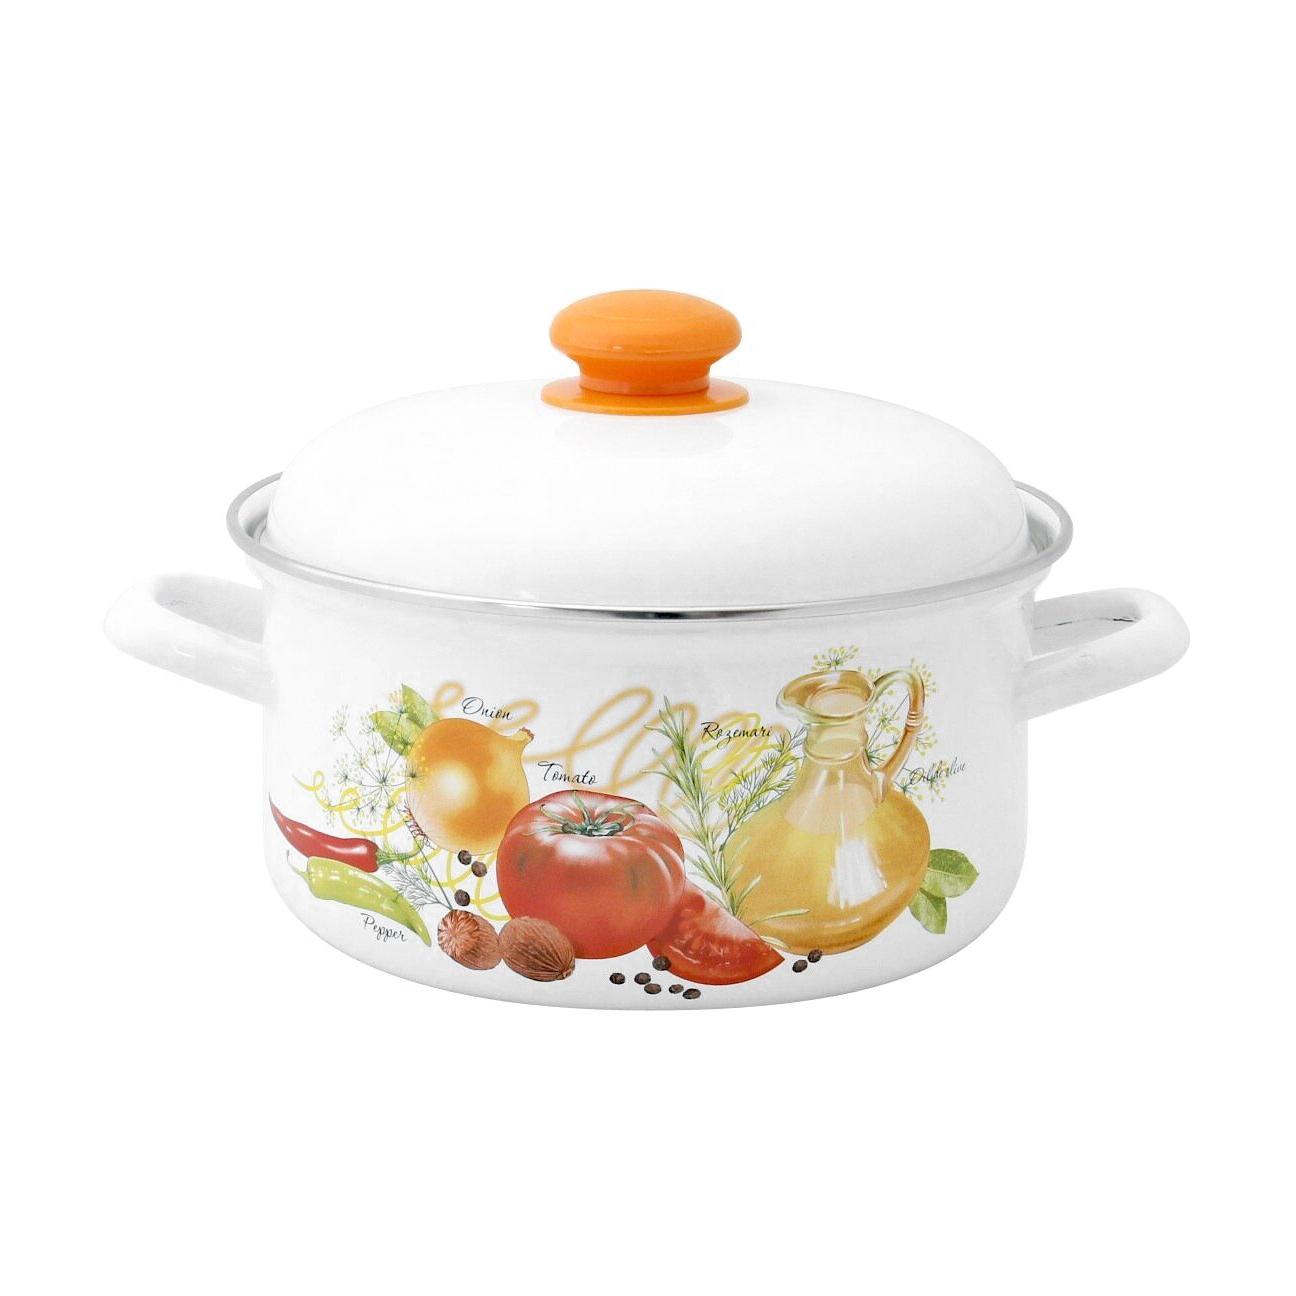 Кастрюля эмалированная Лысьвенские эмали Итальянская кухня 2 л набор эмалированной посуды лзэп китайская роза 124 4ап2 кастрюля 1 5 2 3 л 3 предмета